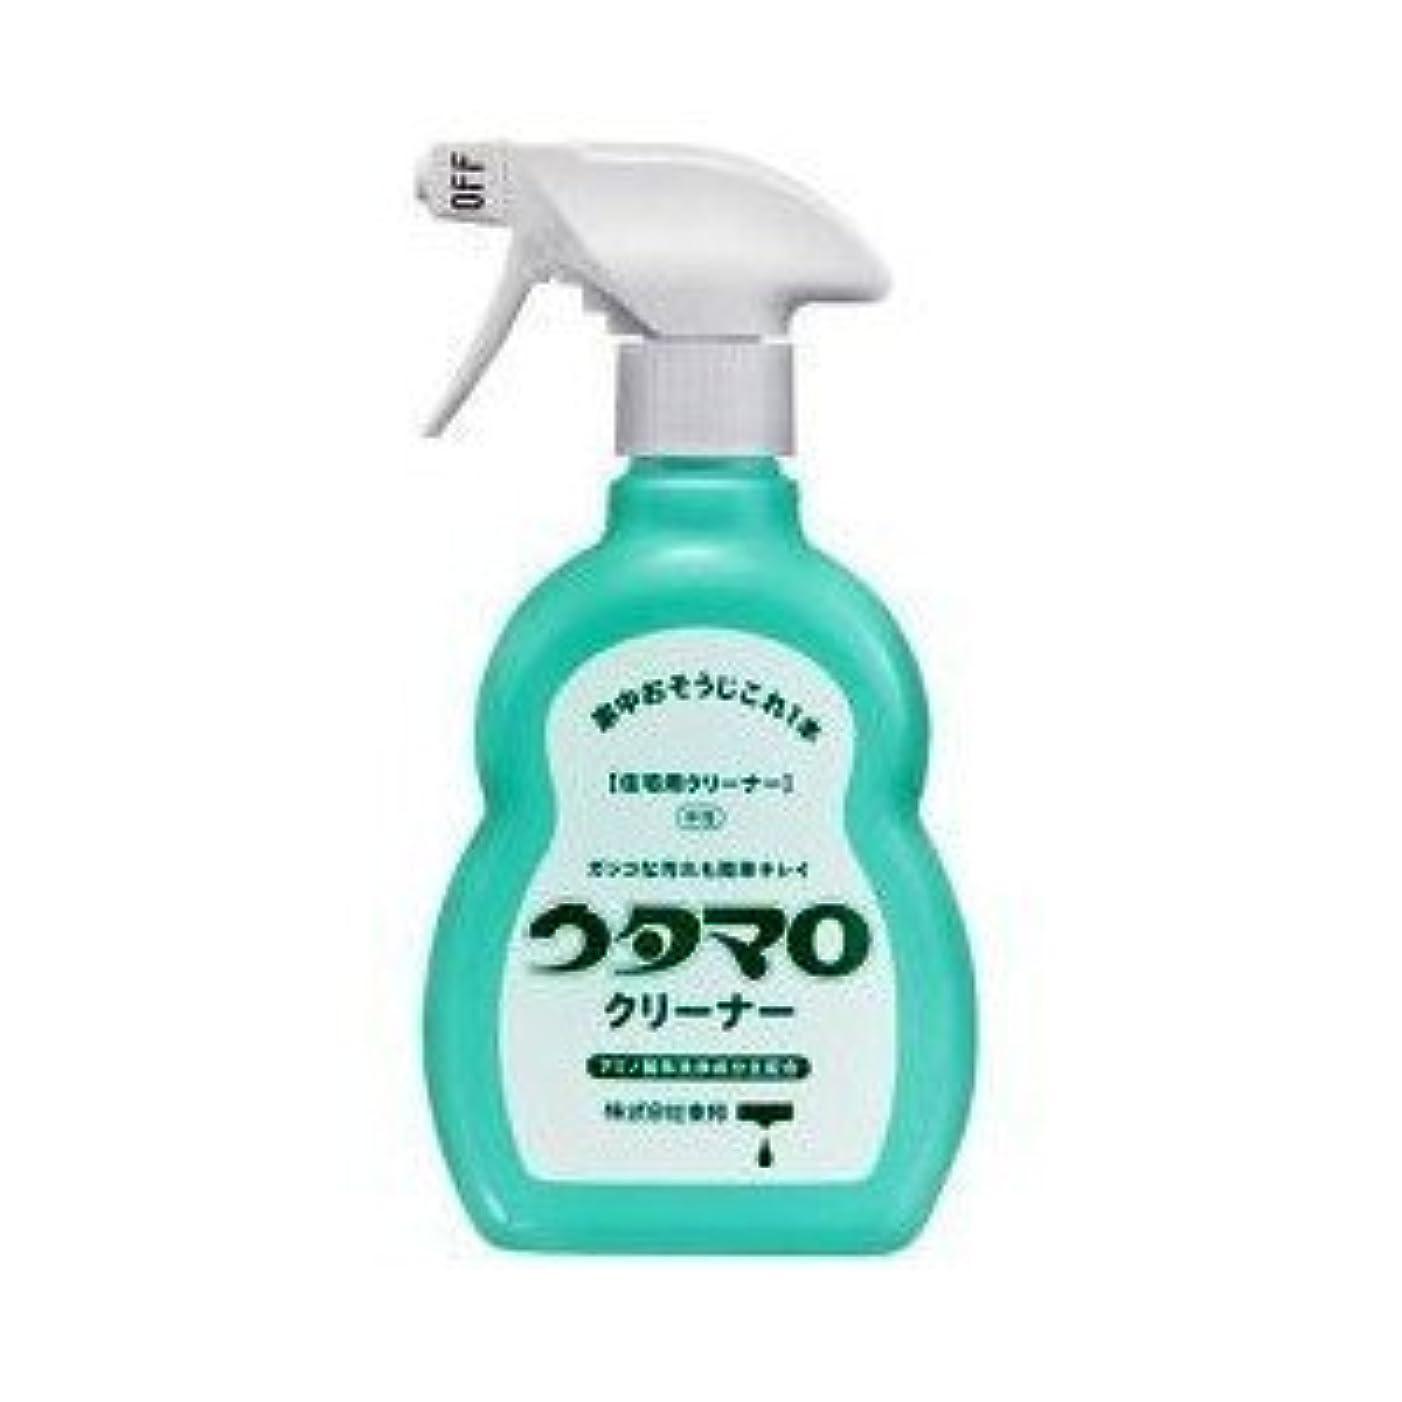 ポーチ二年生バドミントンウタマロ クリーナー 400ml 洗剤 住居用 アミノ酸系洗浄成分主配合 さわやかなグリーンハーブの香り